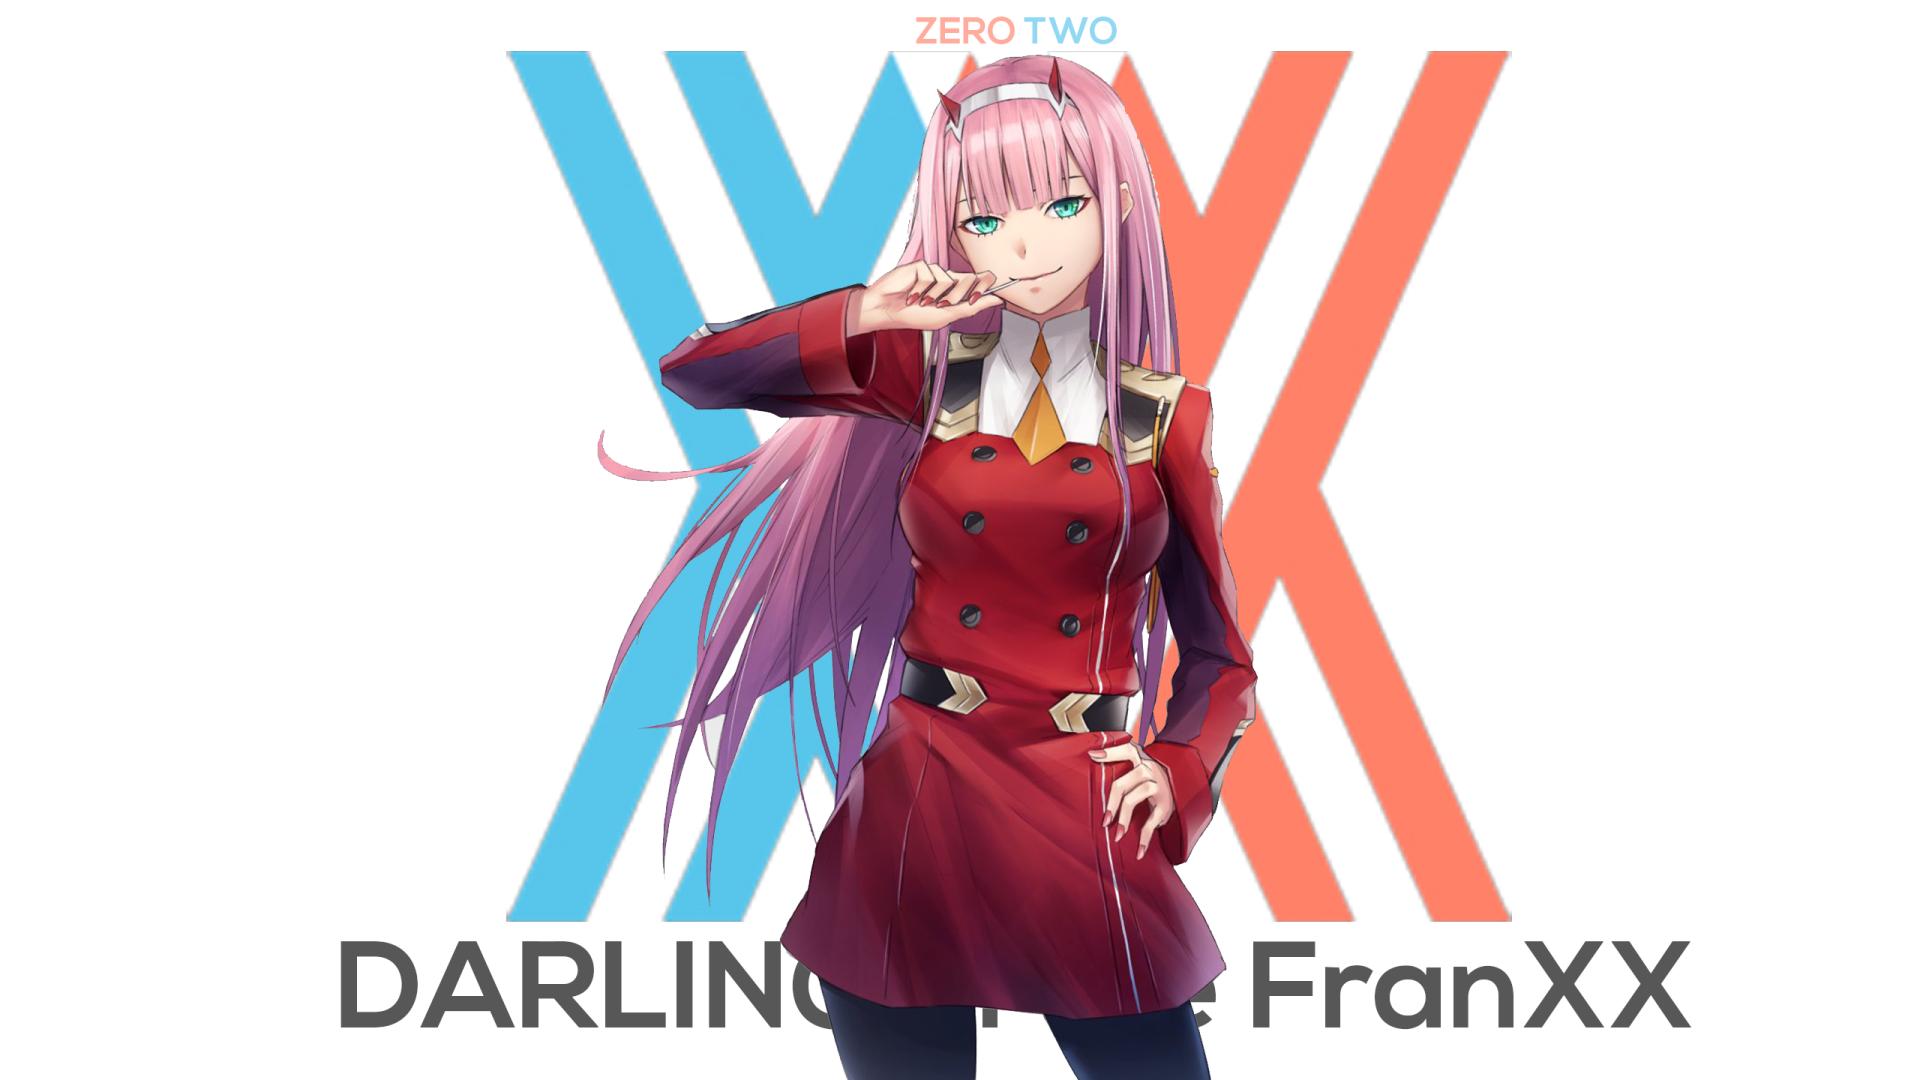 动漫 - Darling in the FranXX  Zero Two (Darling in the FranXX) 壁纸